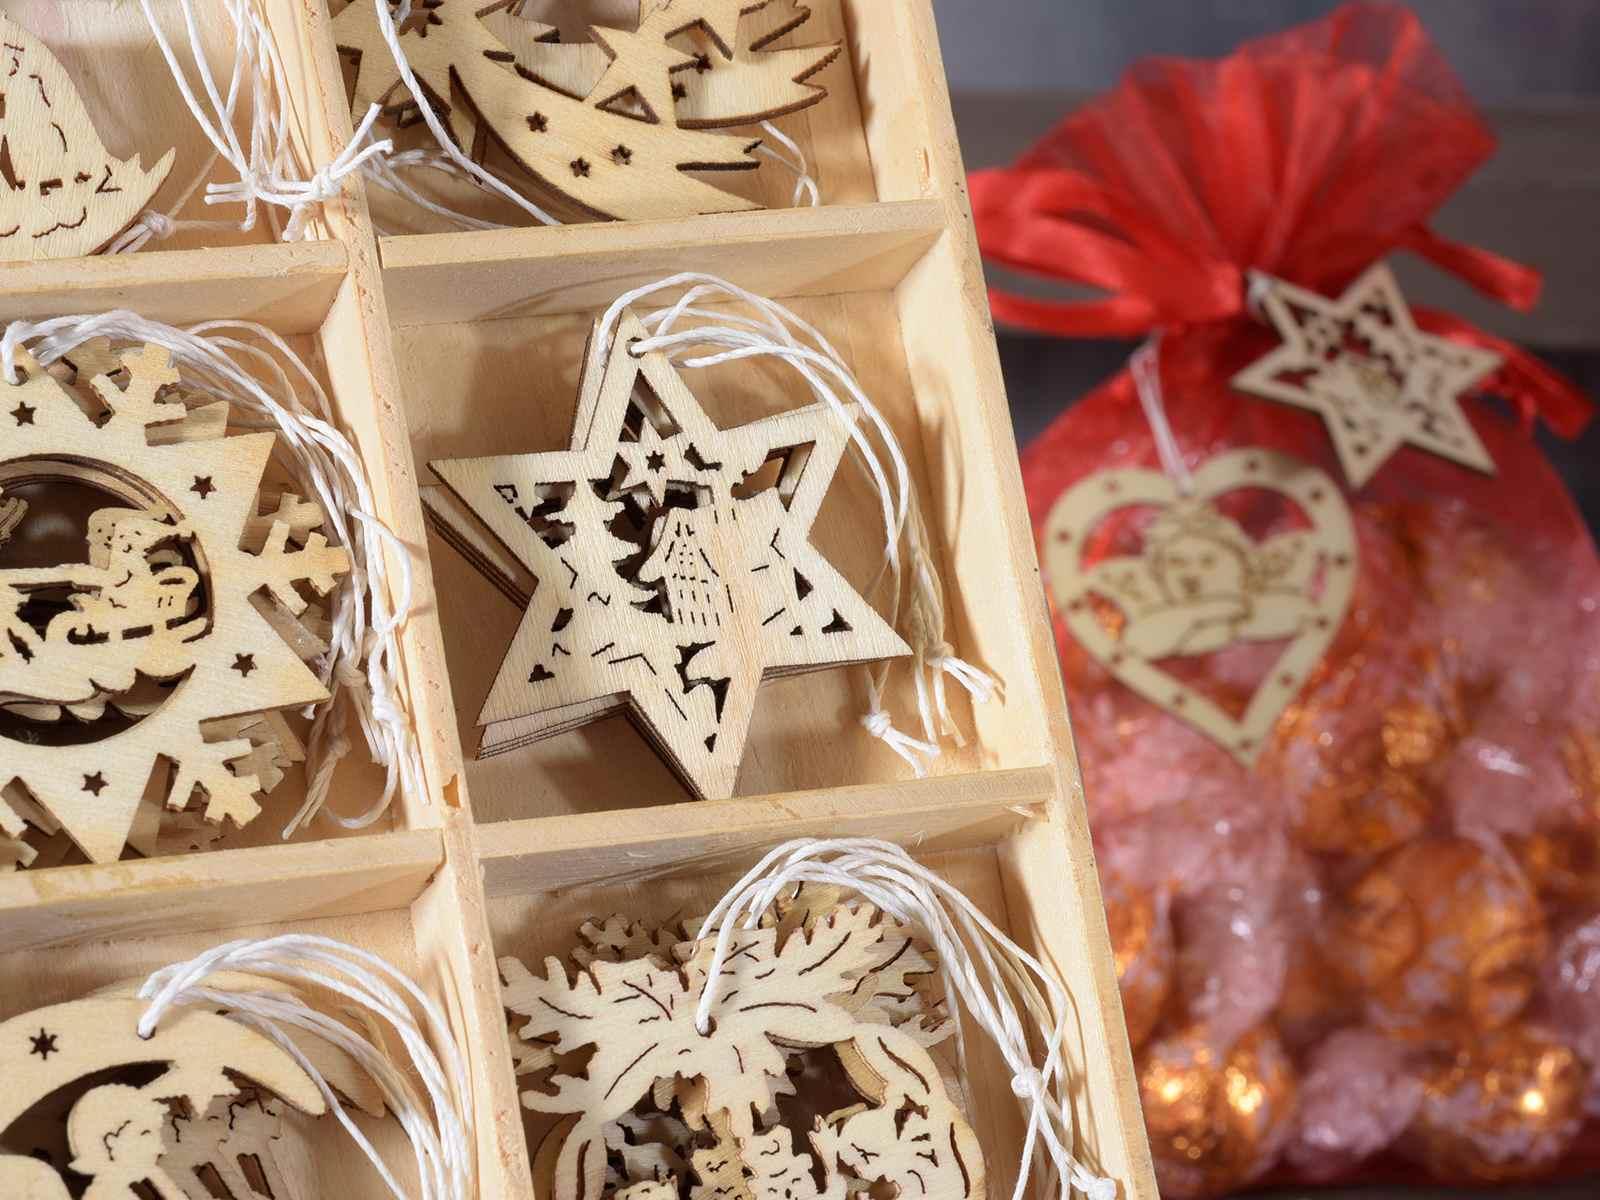 Decorazioni In Legno Natalizie : Decorazioni natalizie in legno u foto stock marilyna